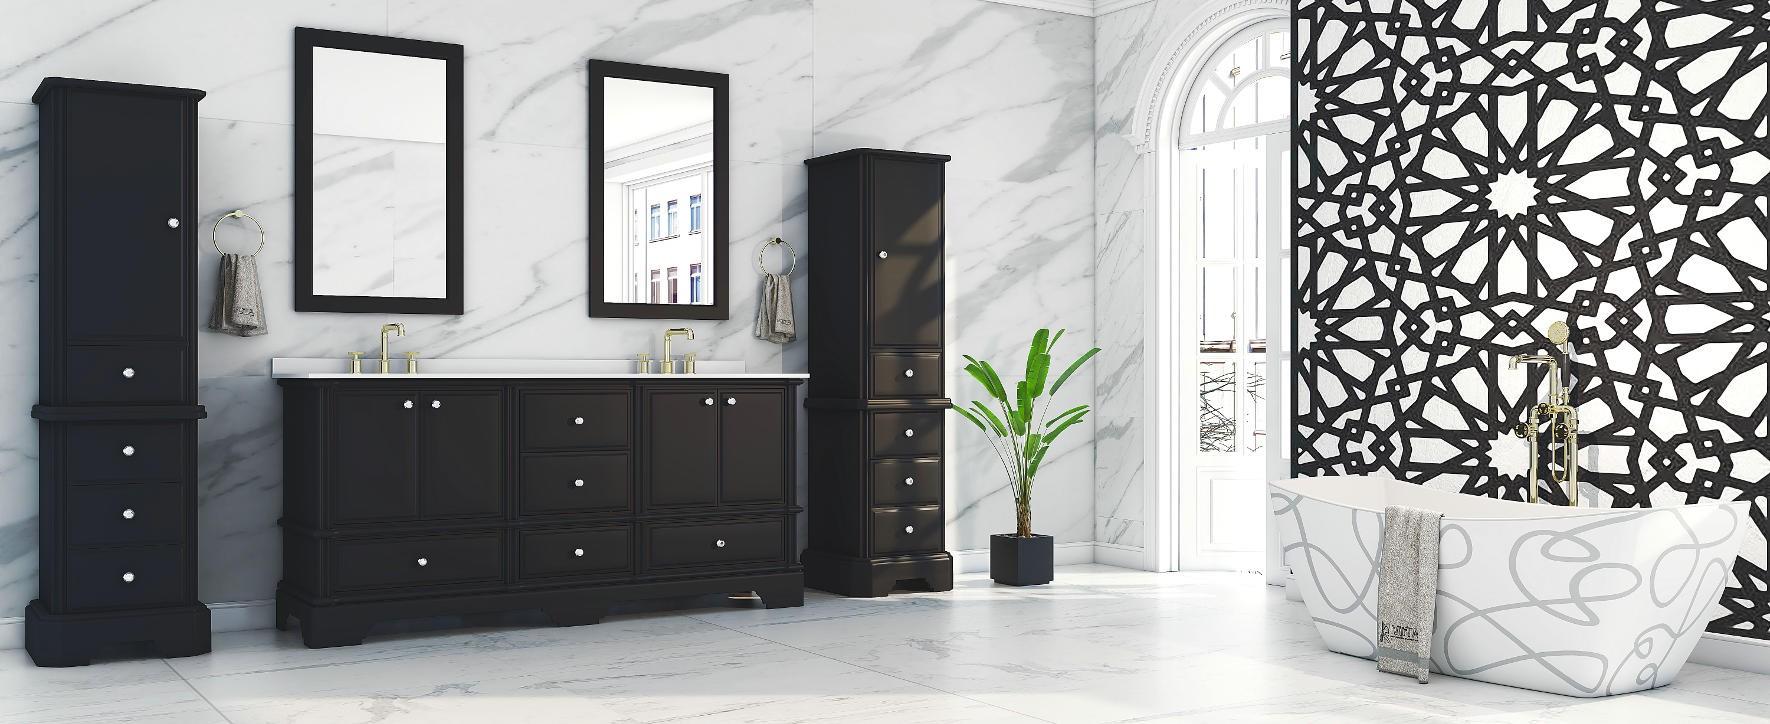 Virta Luxury Bathroom Furniture